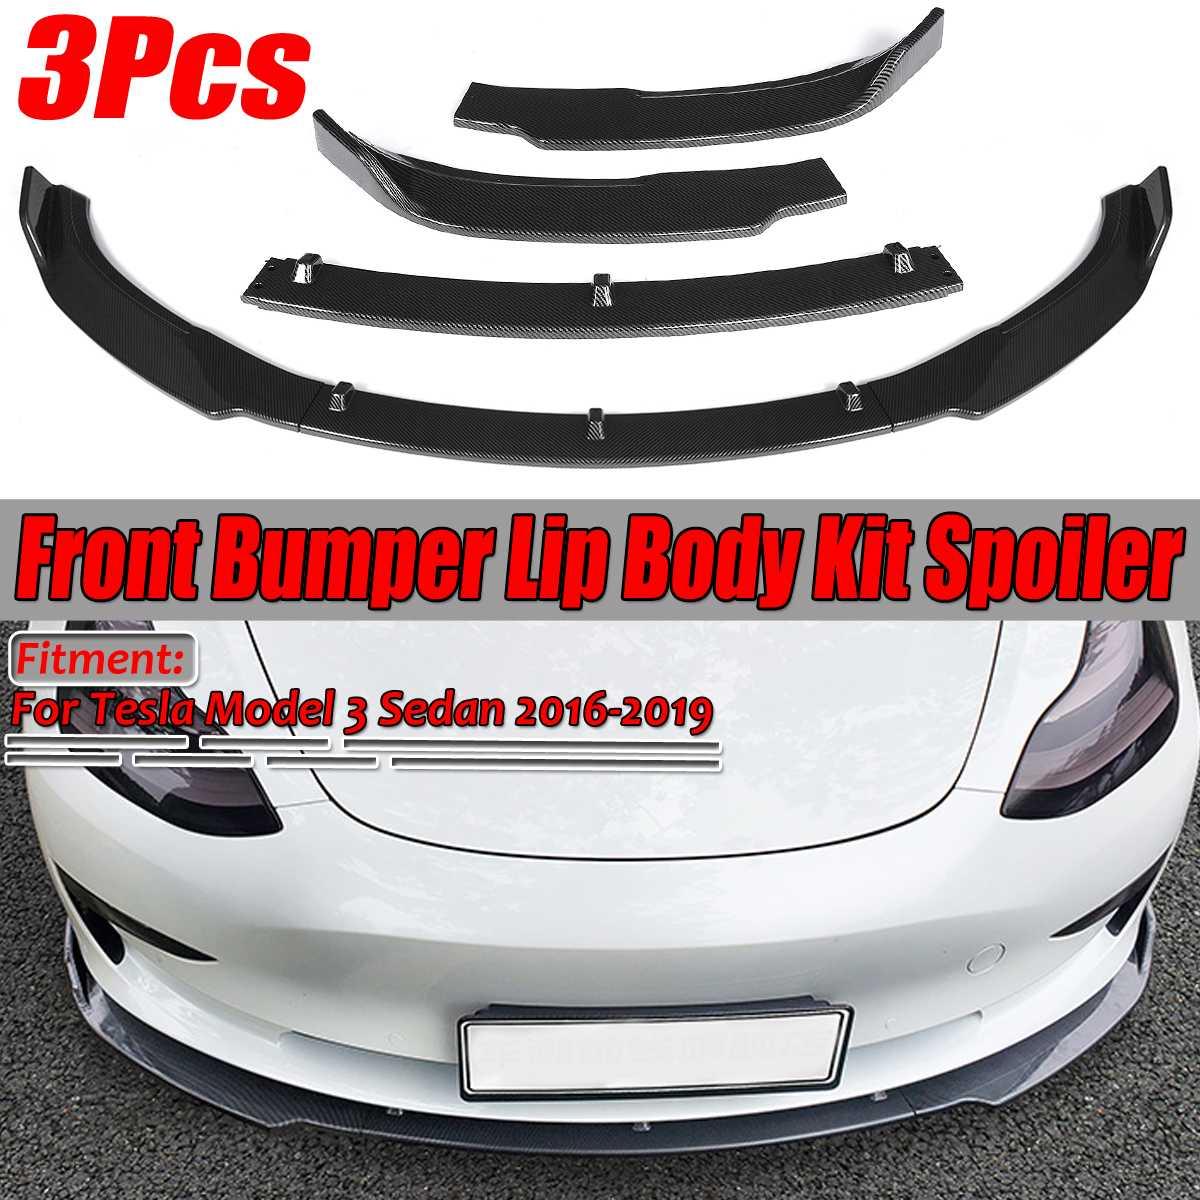 חדש 3Pcs סיבי פחמן מראה/שחור רכב קדמי פגוש ספליטר שפתיים גוף ערכת ספוילר מפזר משמר עבור טסלה דגם 3 סדאן 2016-2019